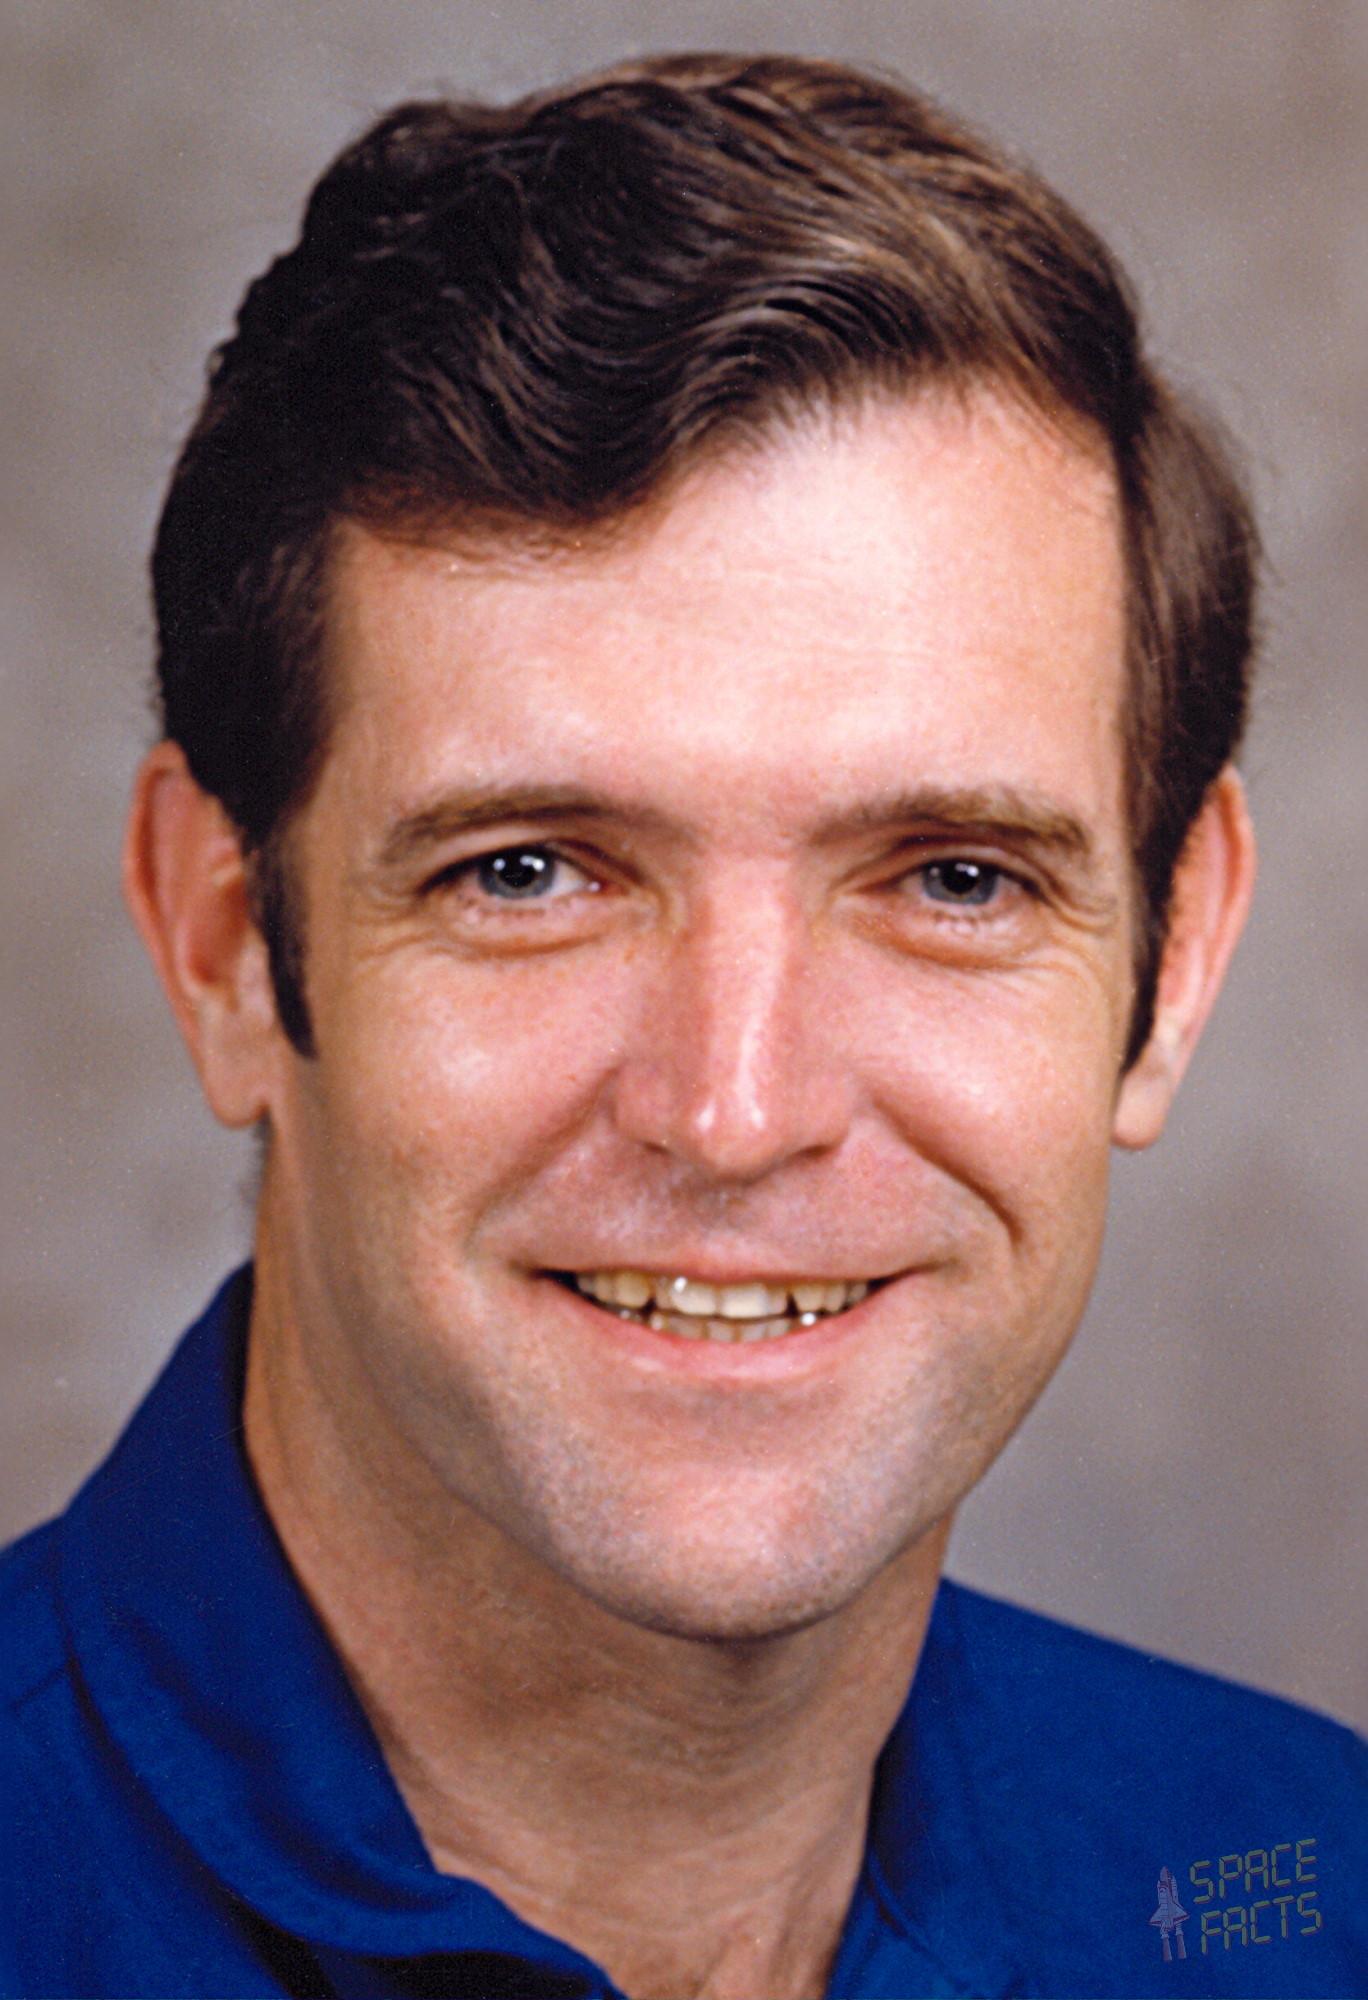 Astronaut Biography Richard Scobee